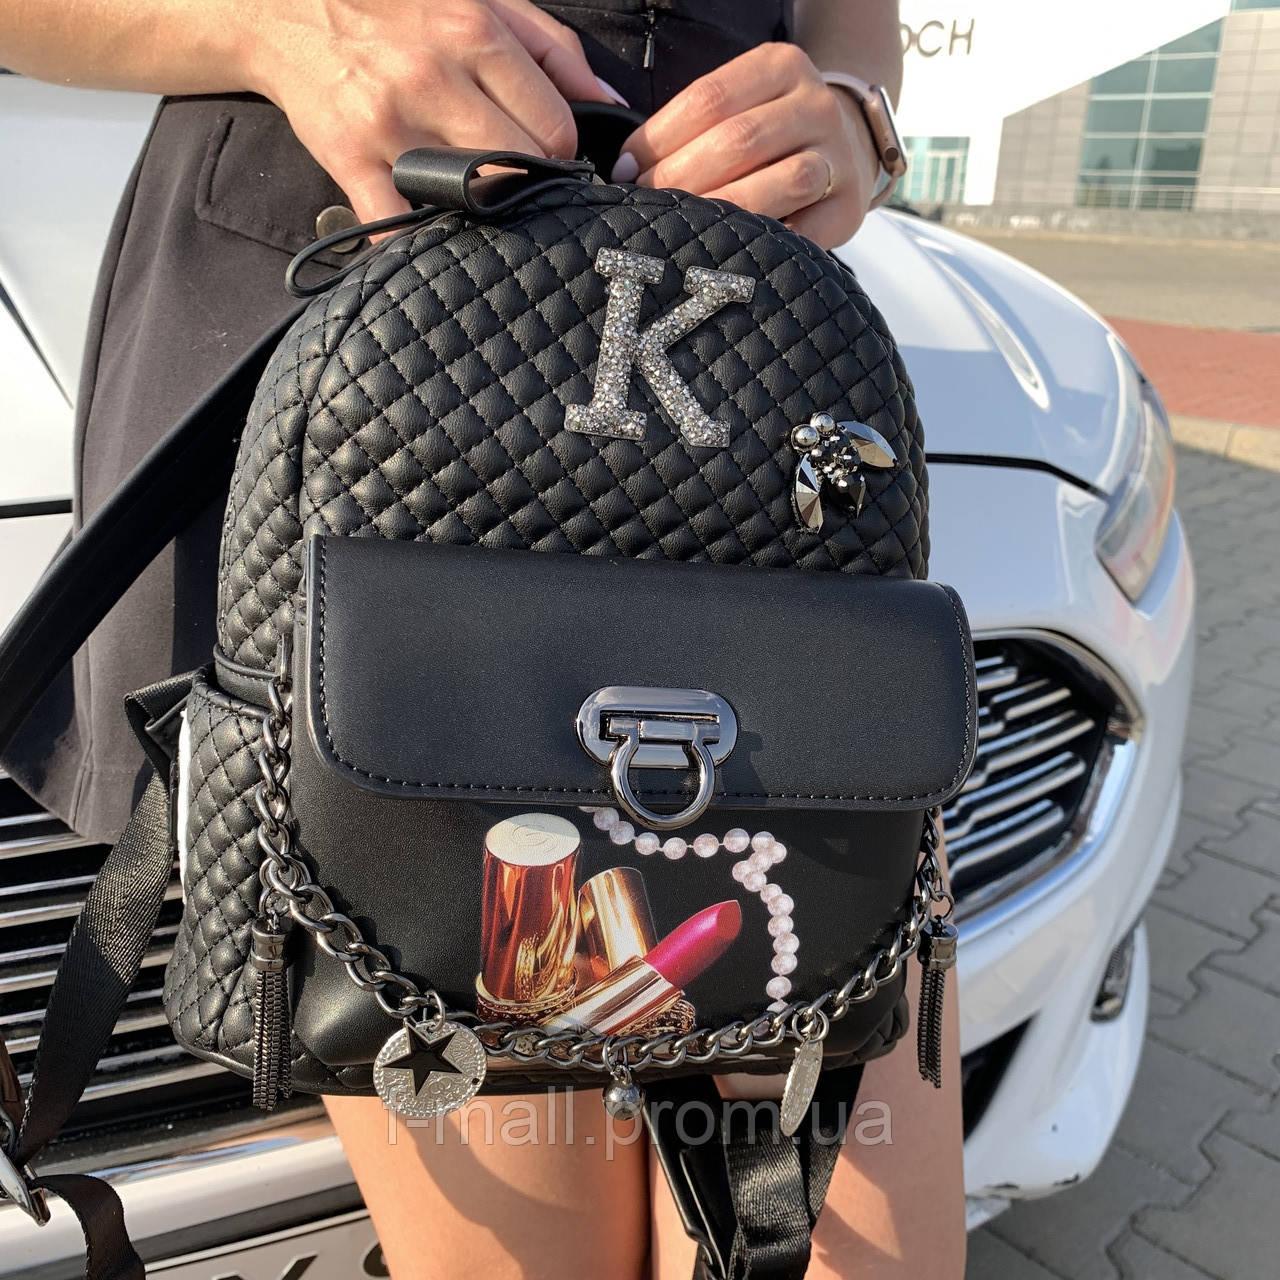 Стильный женский рюкзак  кожзам Супер качество (6274)